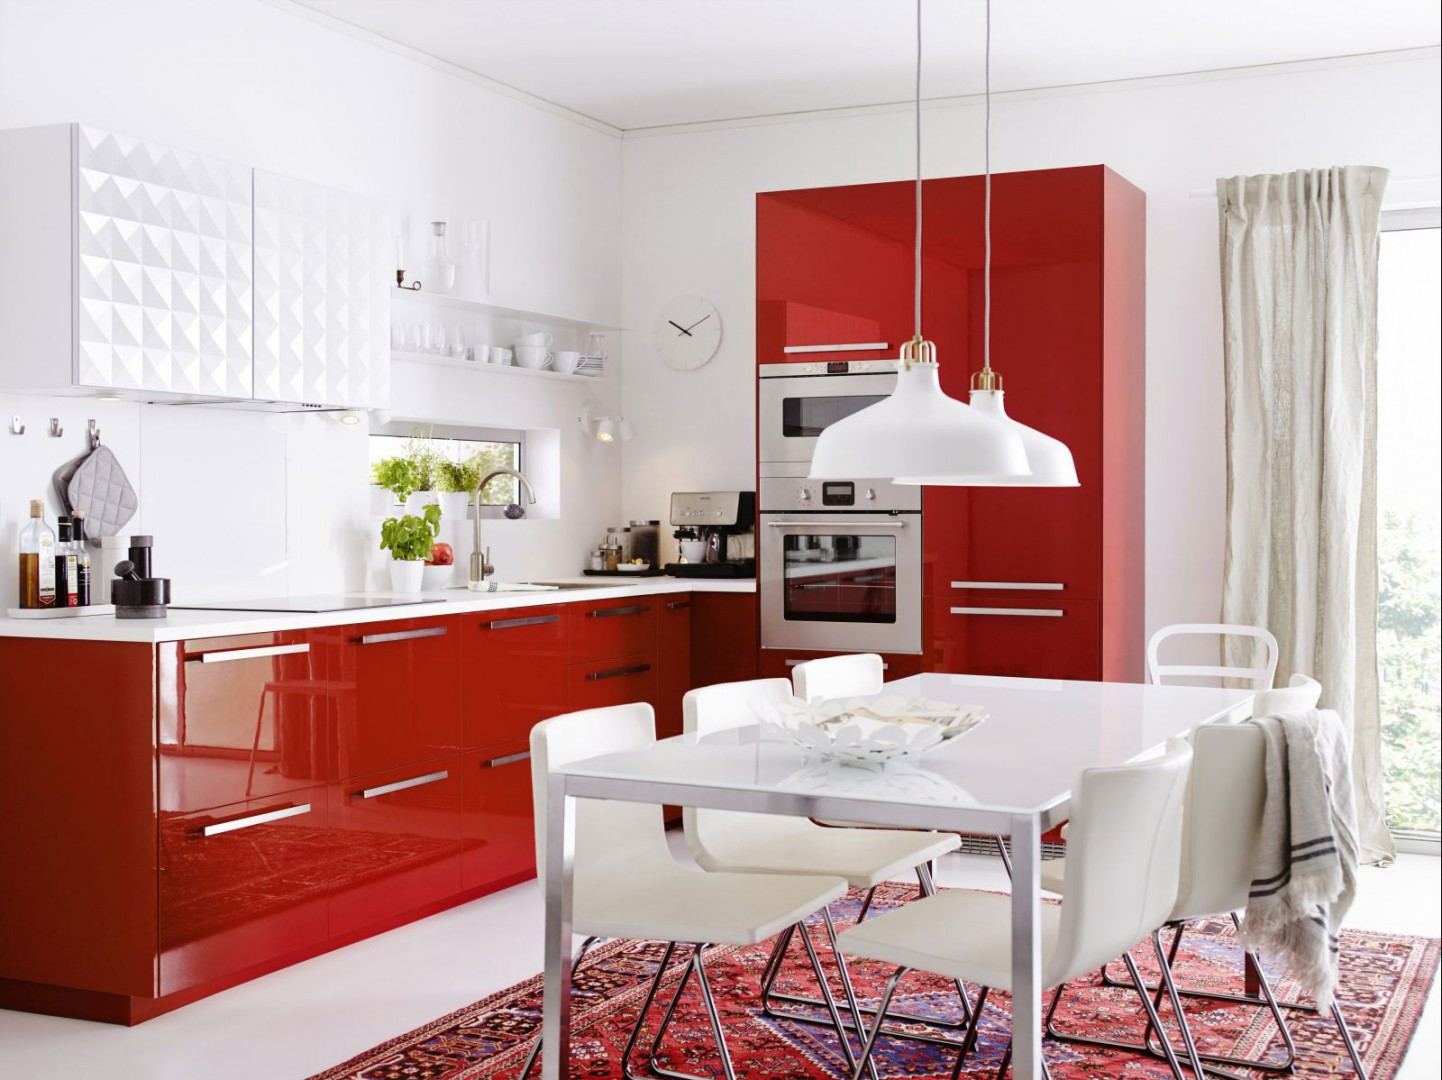 Urzadzamy Nowe Kuchnie Ikea Wszystko Co Chcesz Wiedziec Meble